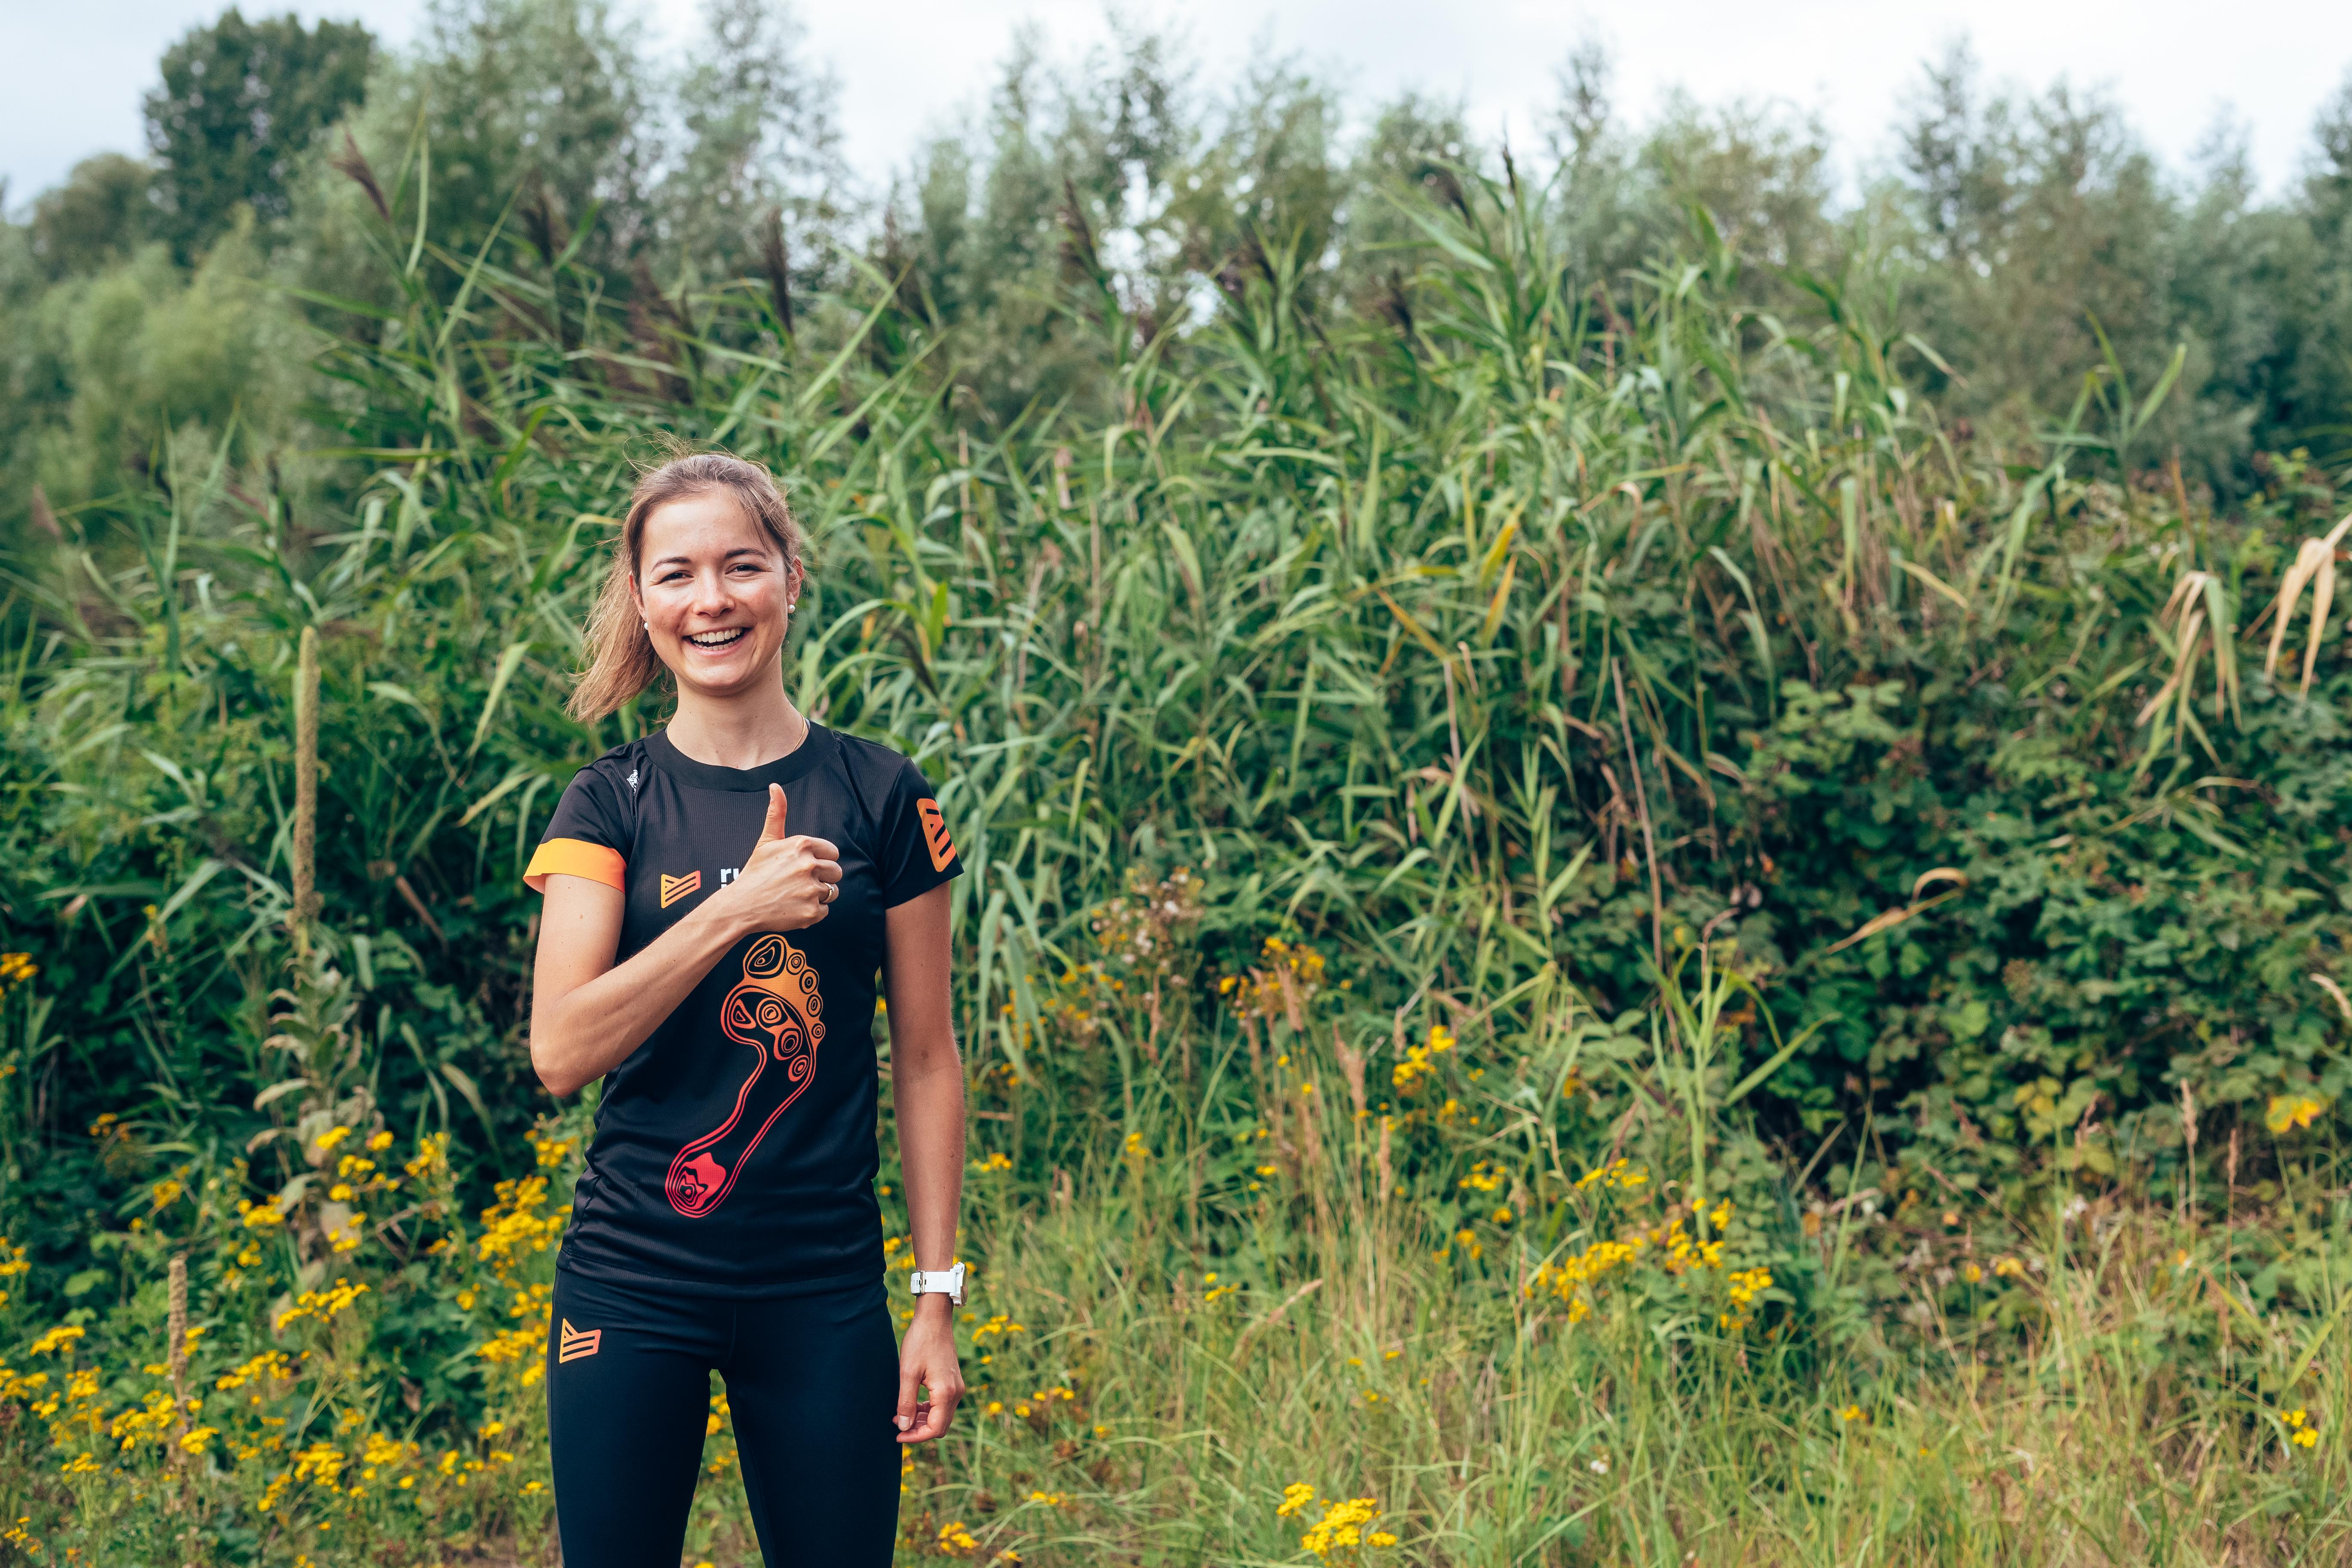 runnerslab-duimpjesactie-Katrijn